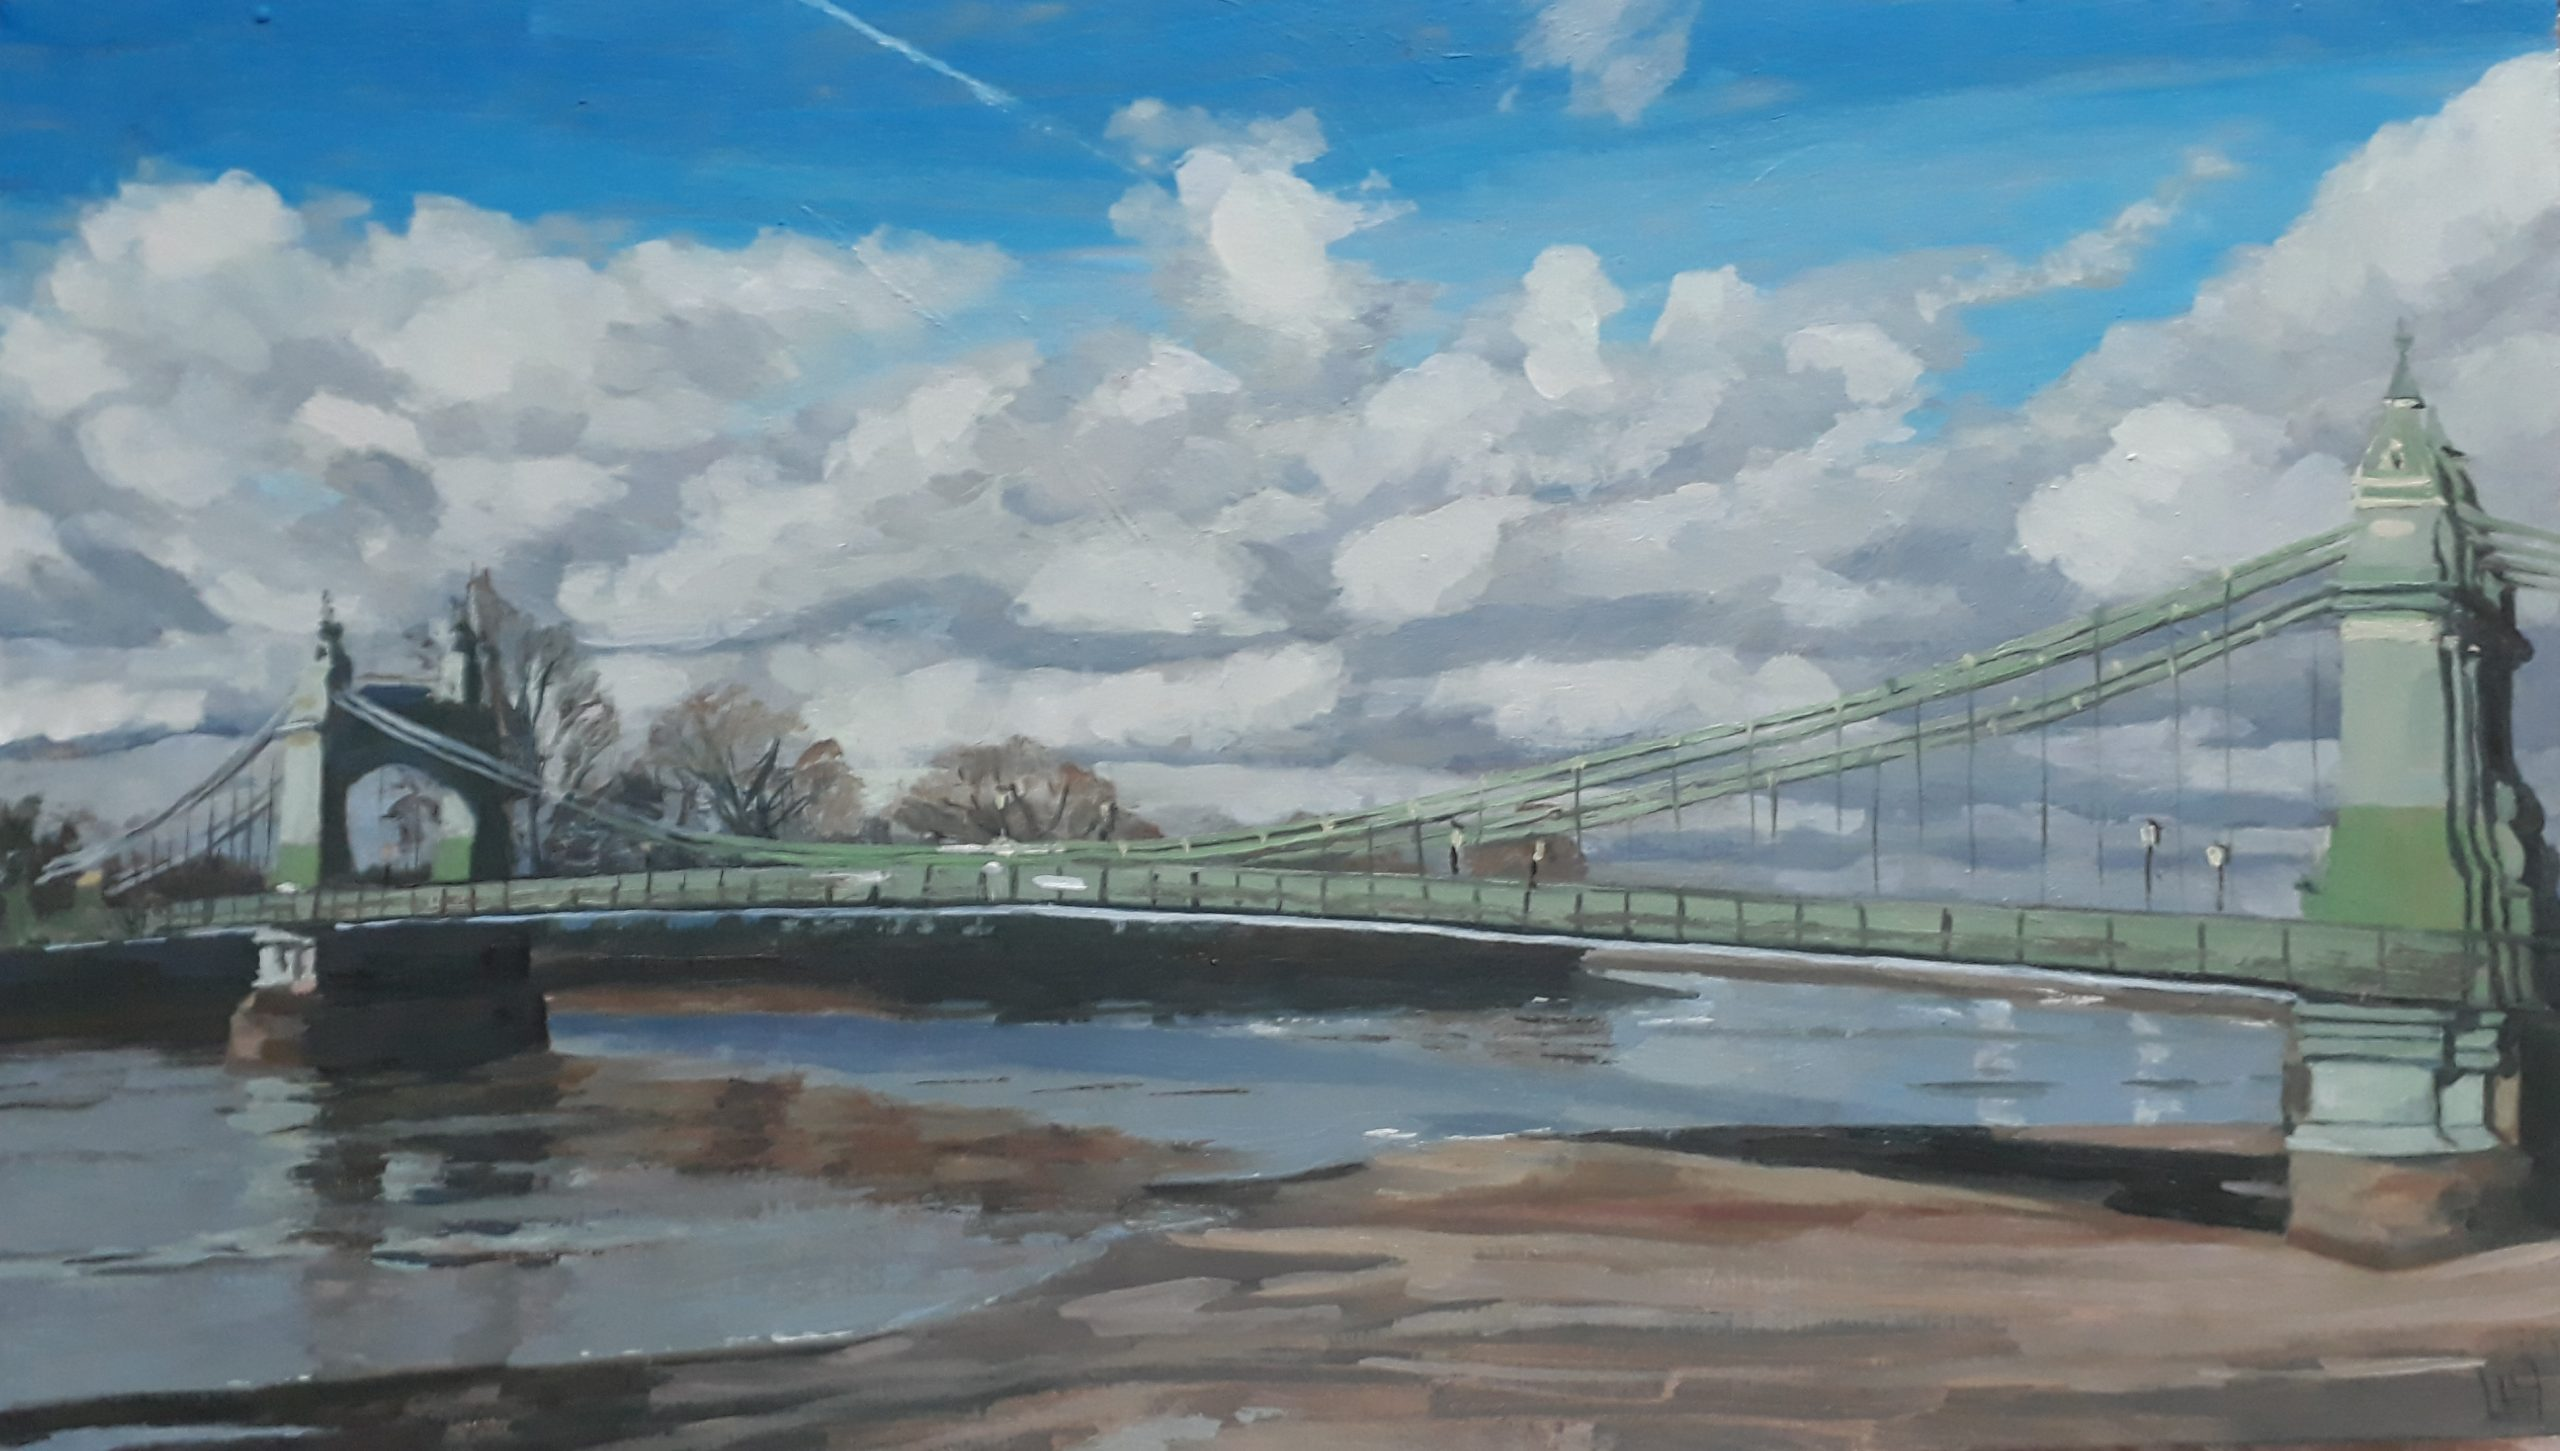 Storm Clouds over Hammersmith Bridge